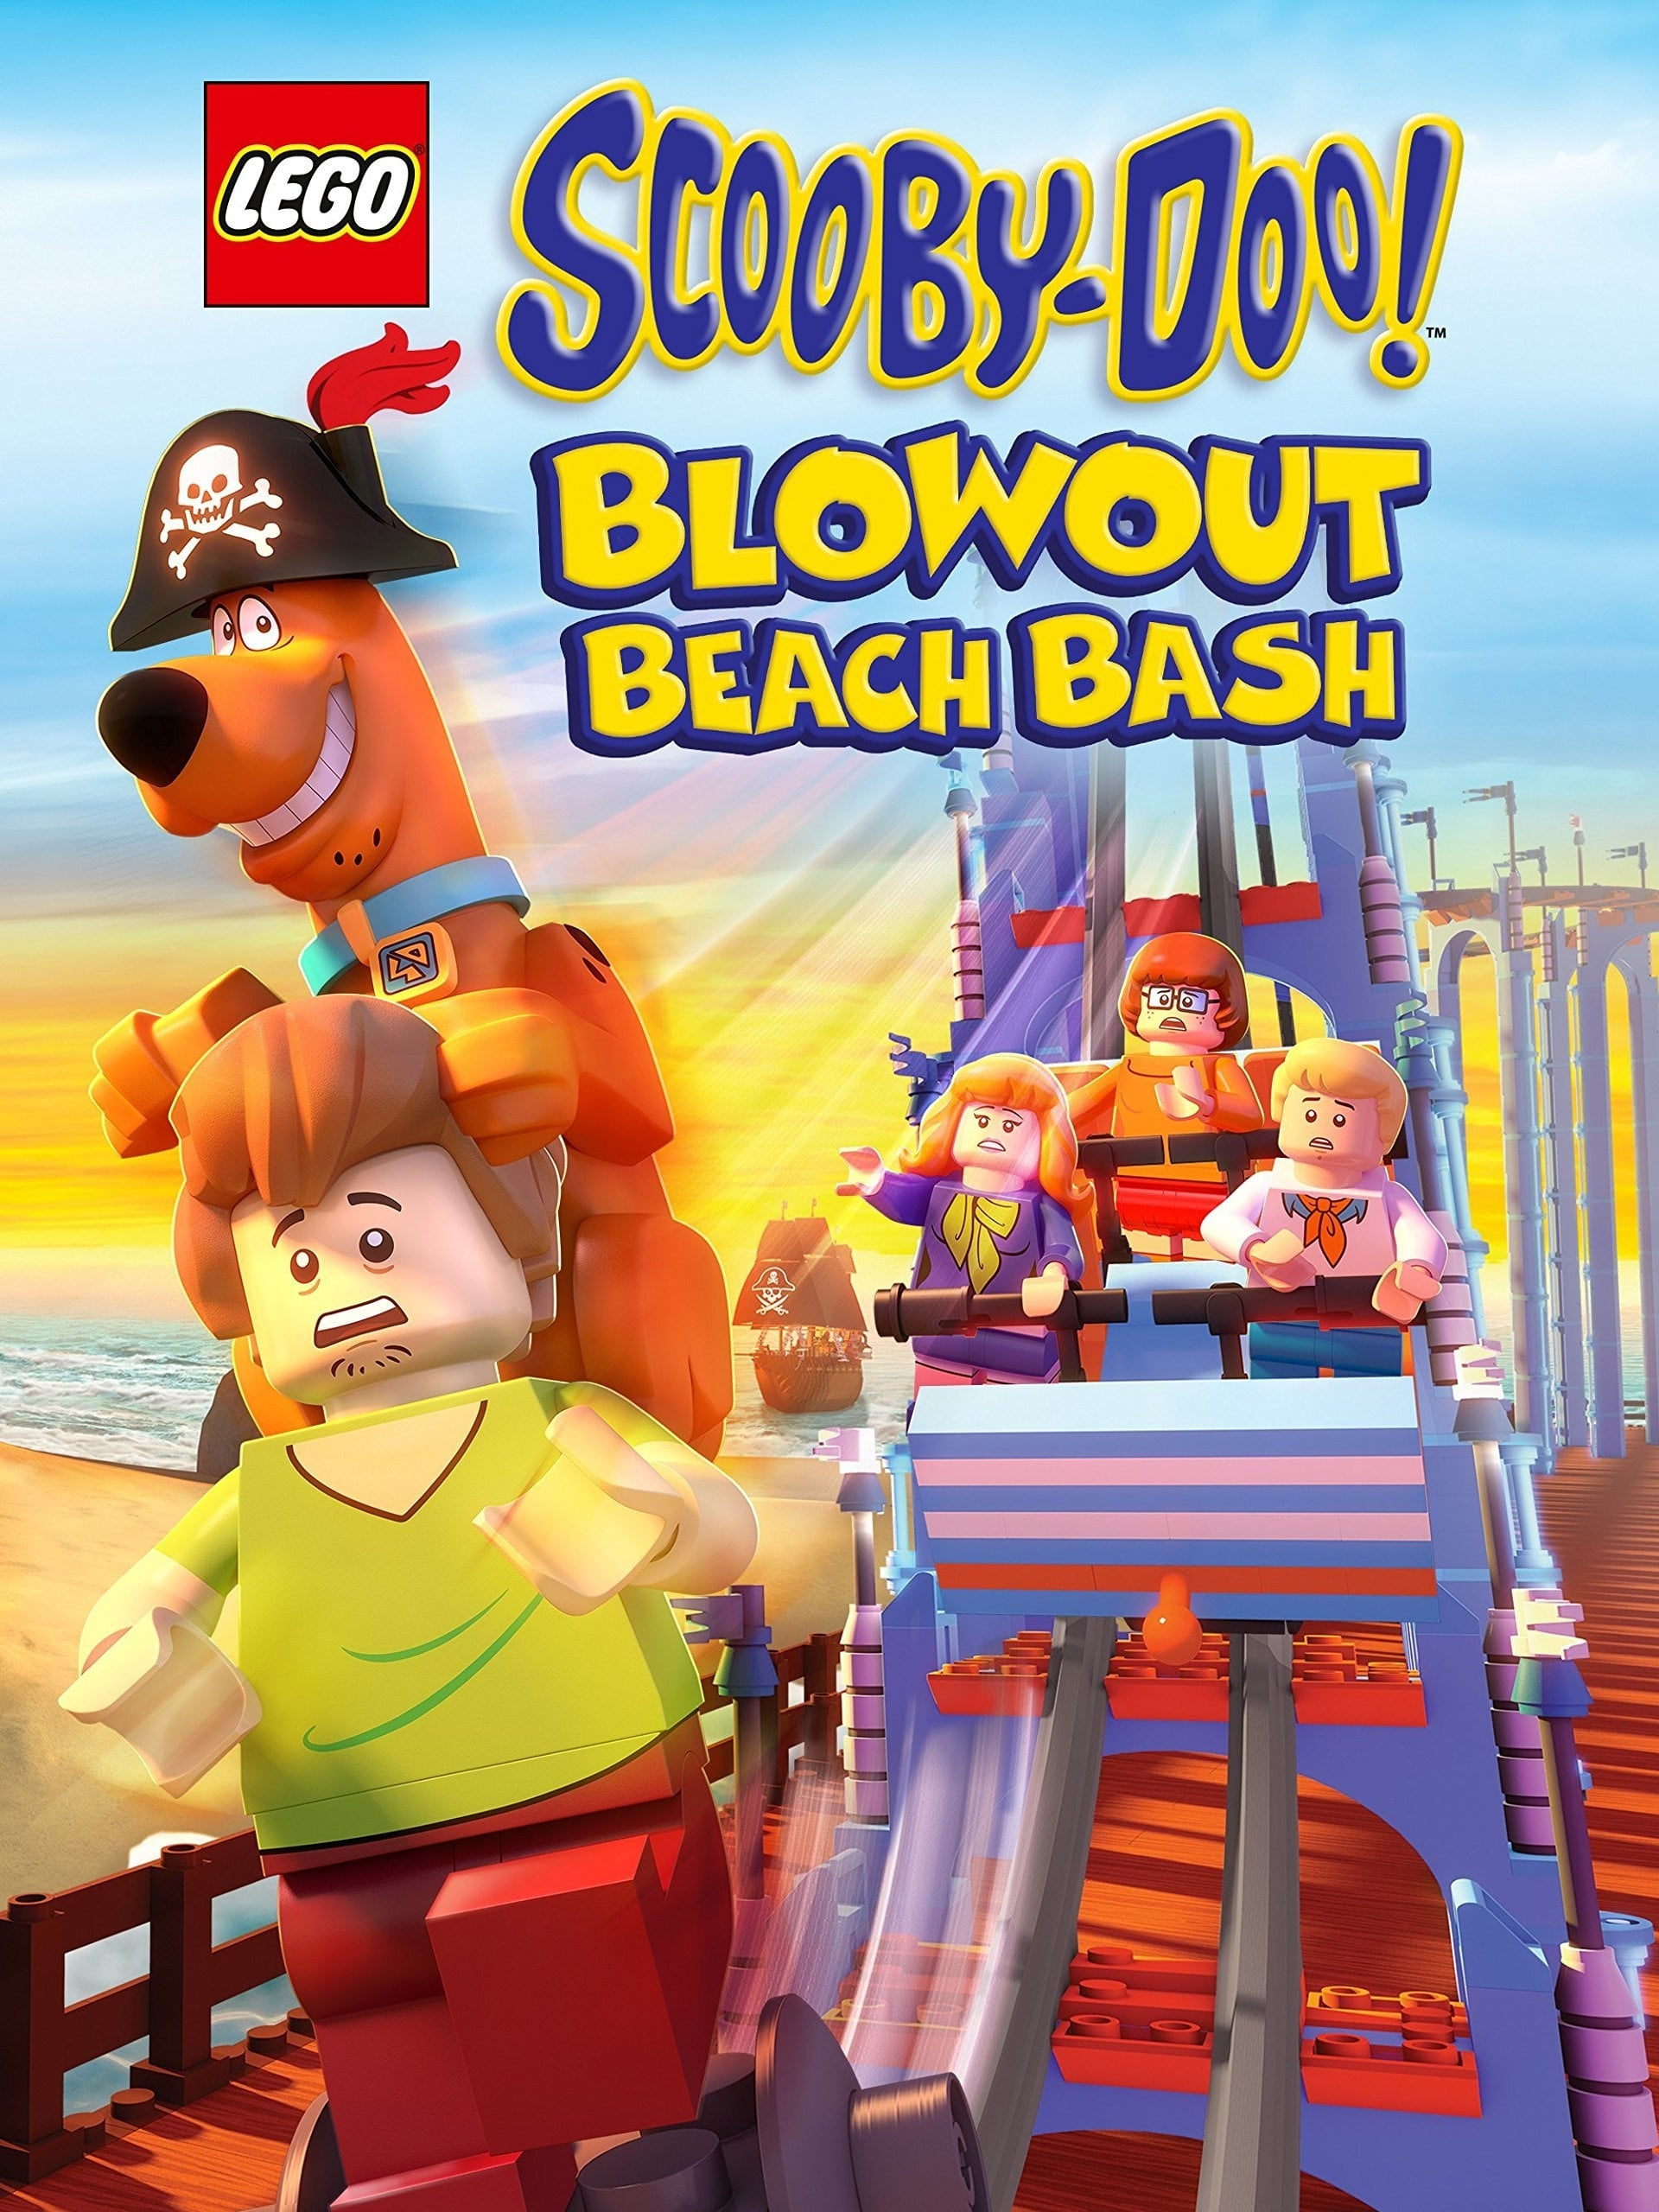 Póster Lego Scooby-Doo! Fiesta en la playa de Blowout